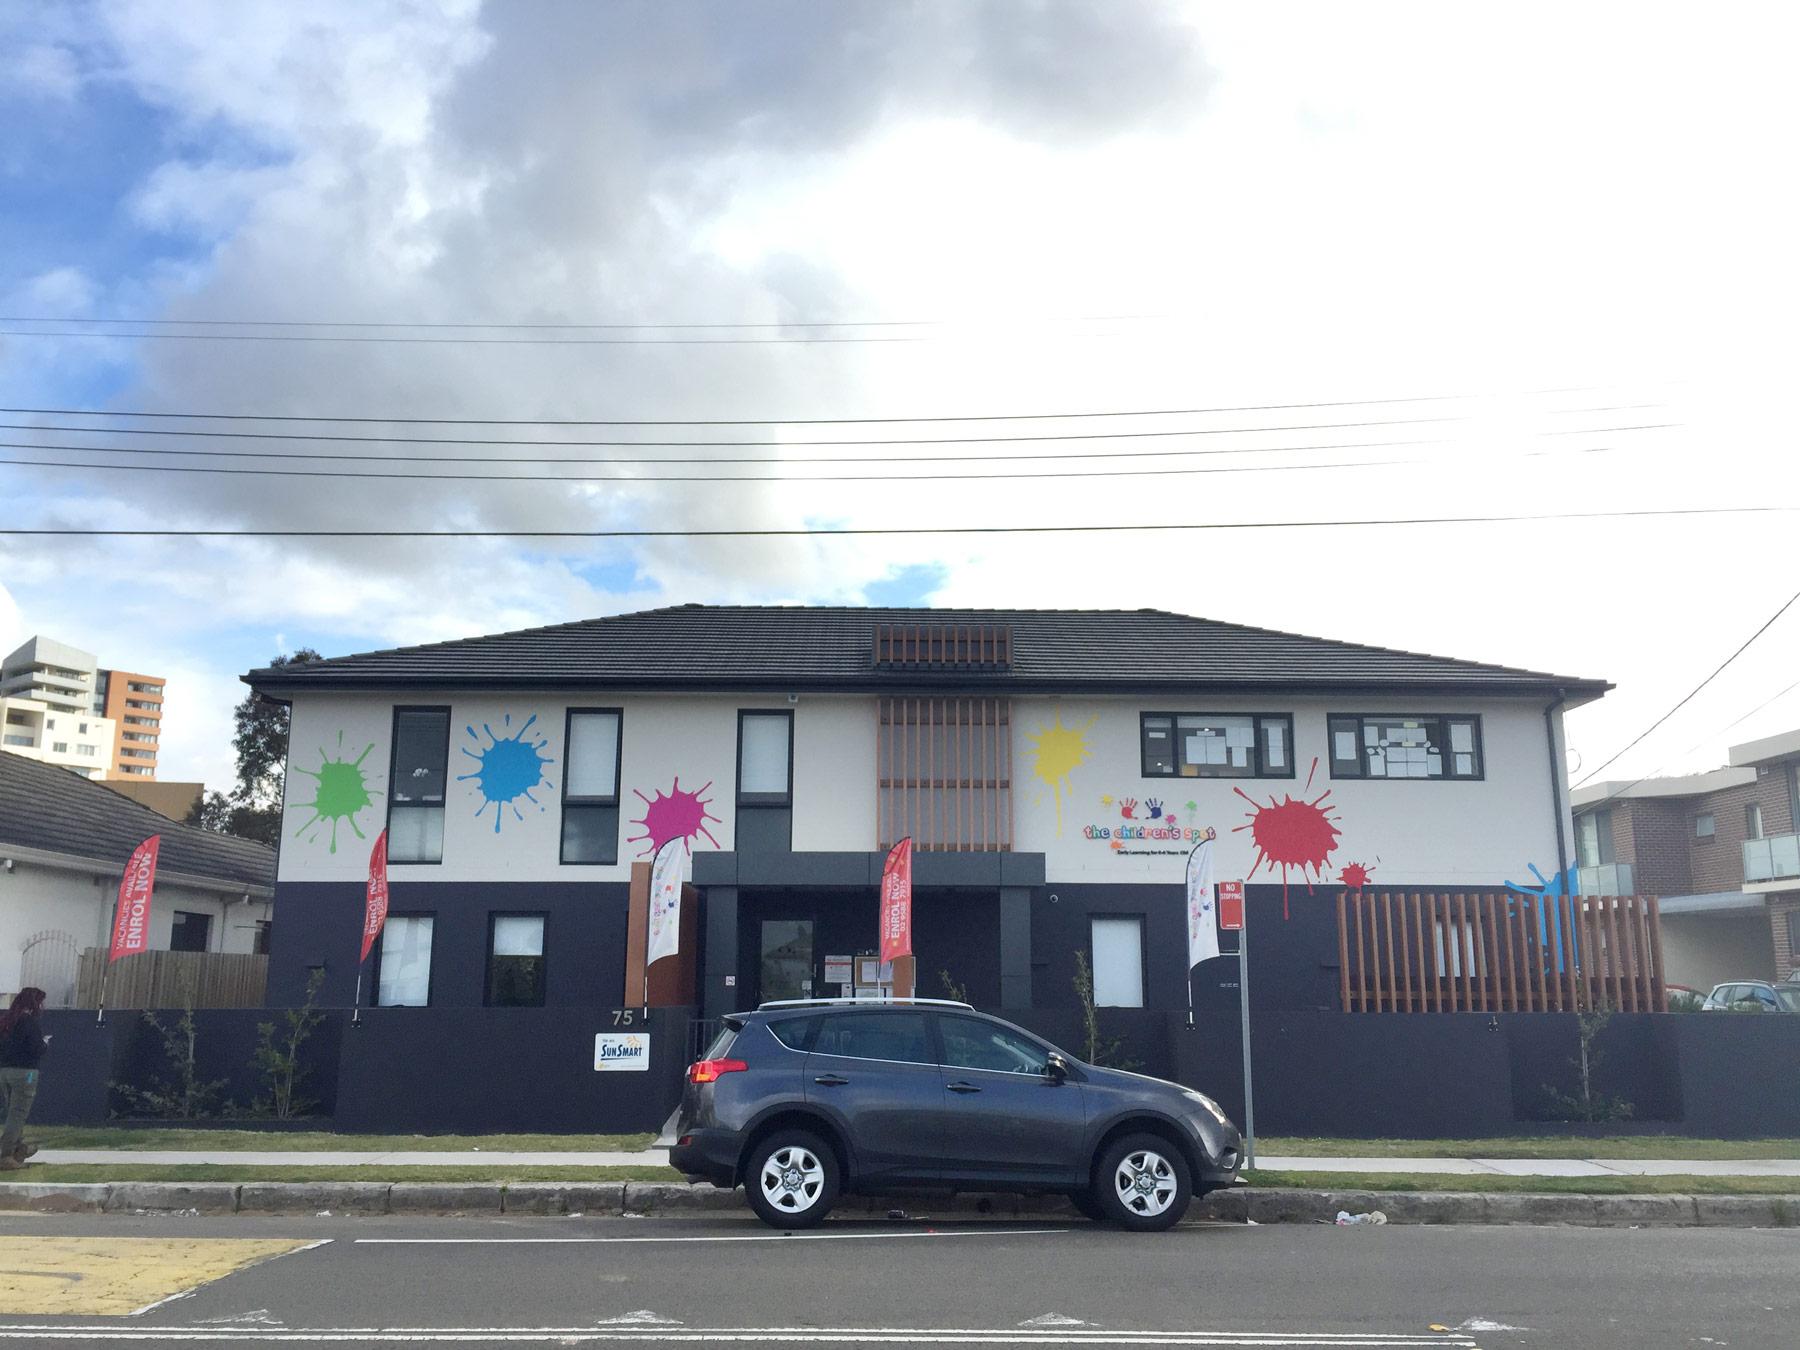 childrens-spot-hursville-exterior-murals-1